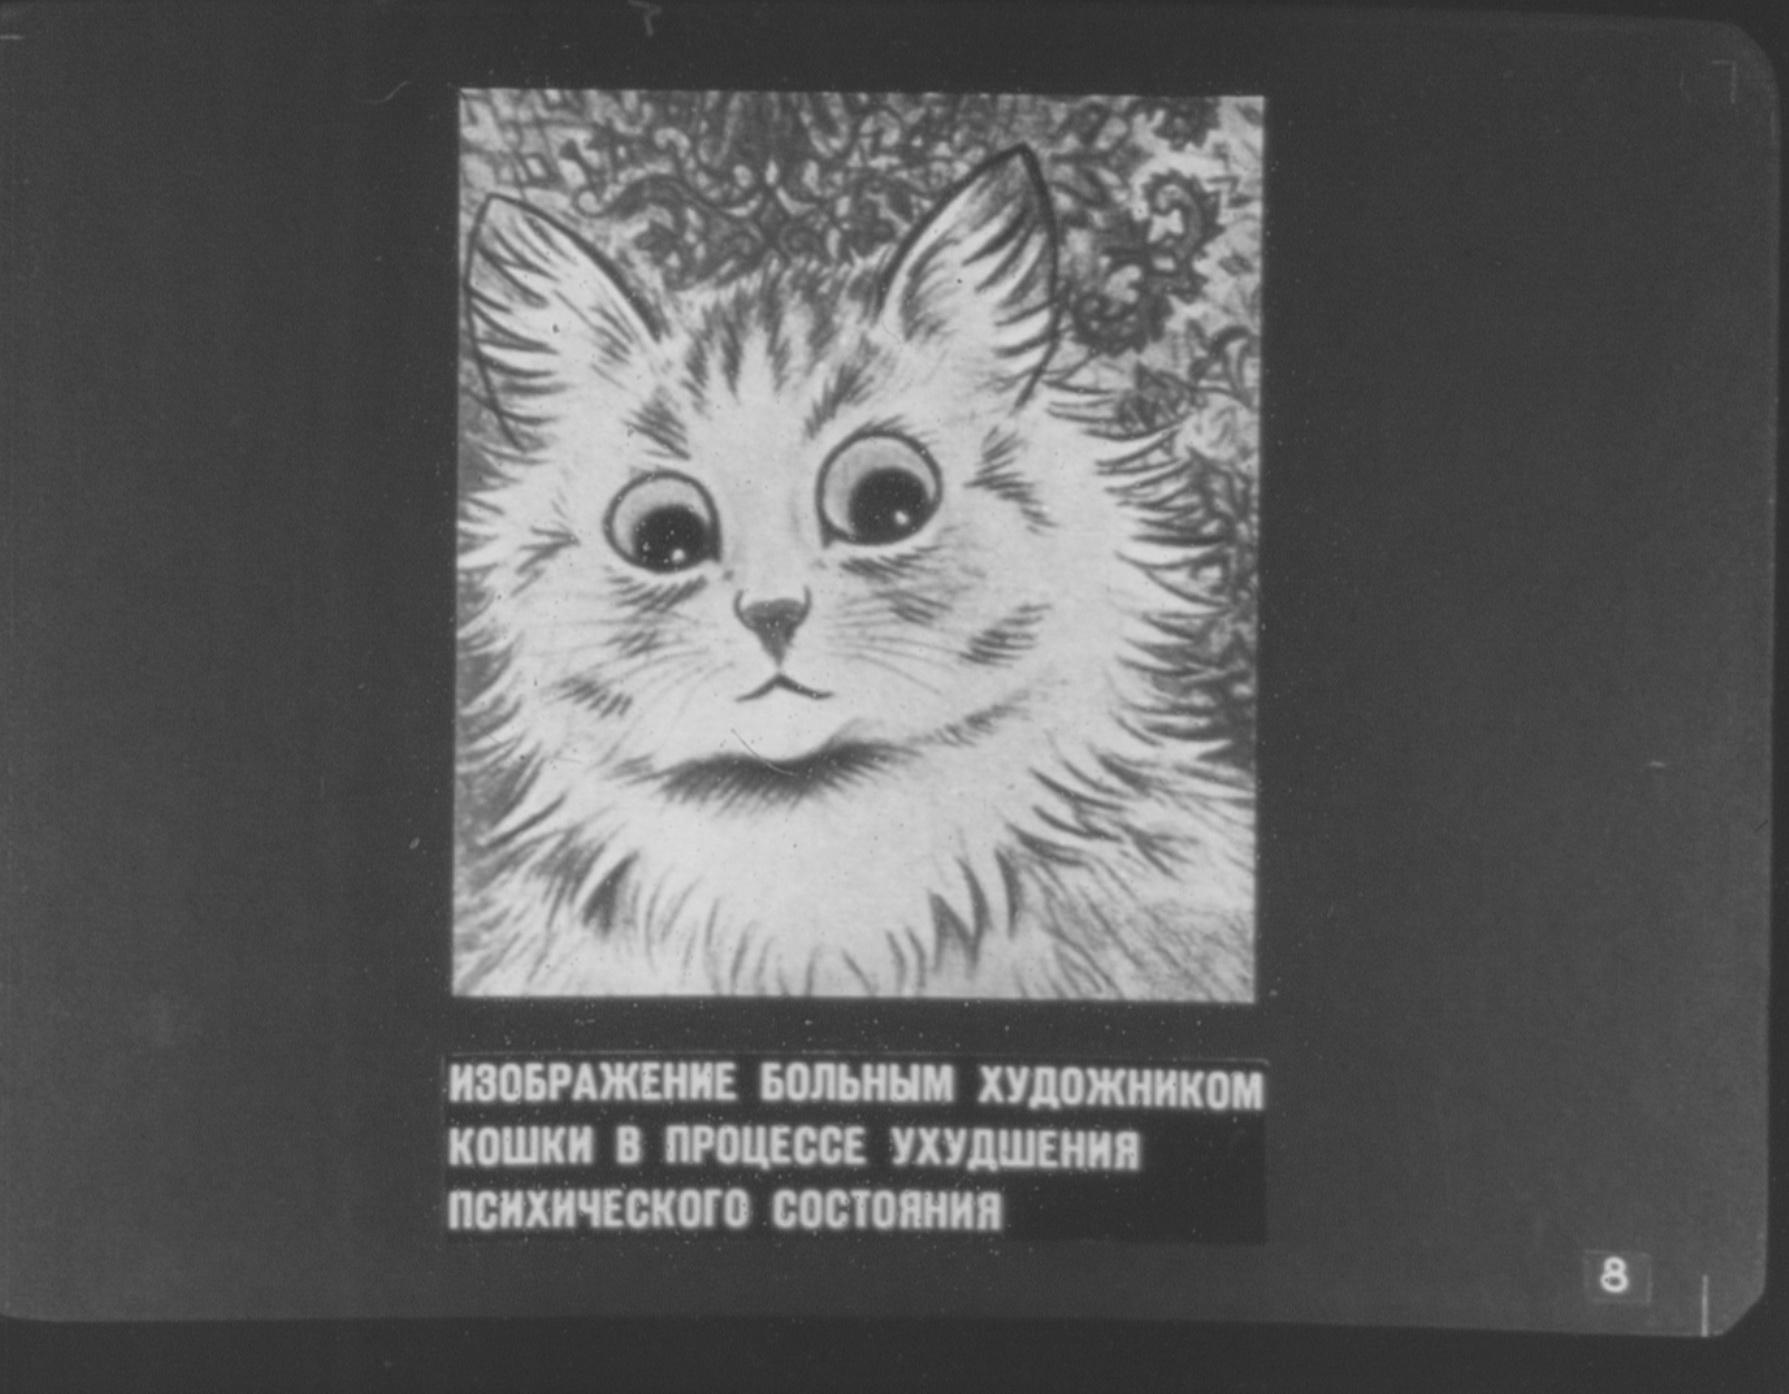 Изображение больным художником кошки в процессе ухудшения психического состояния